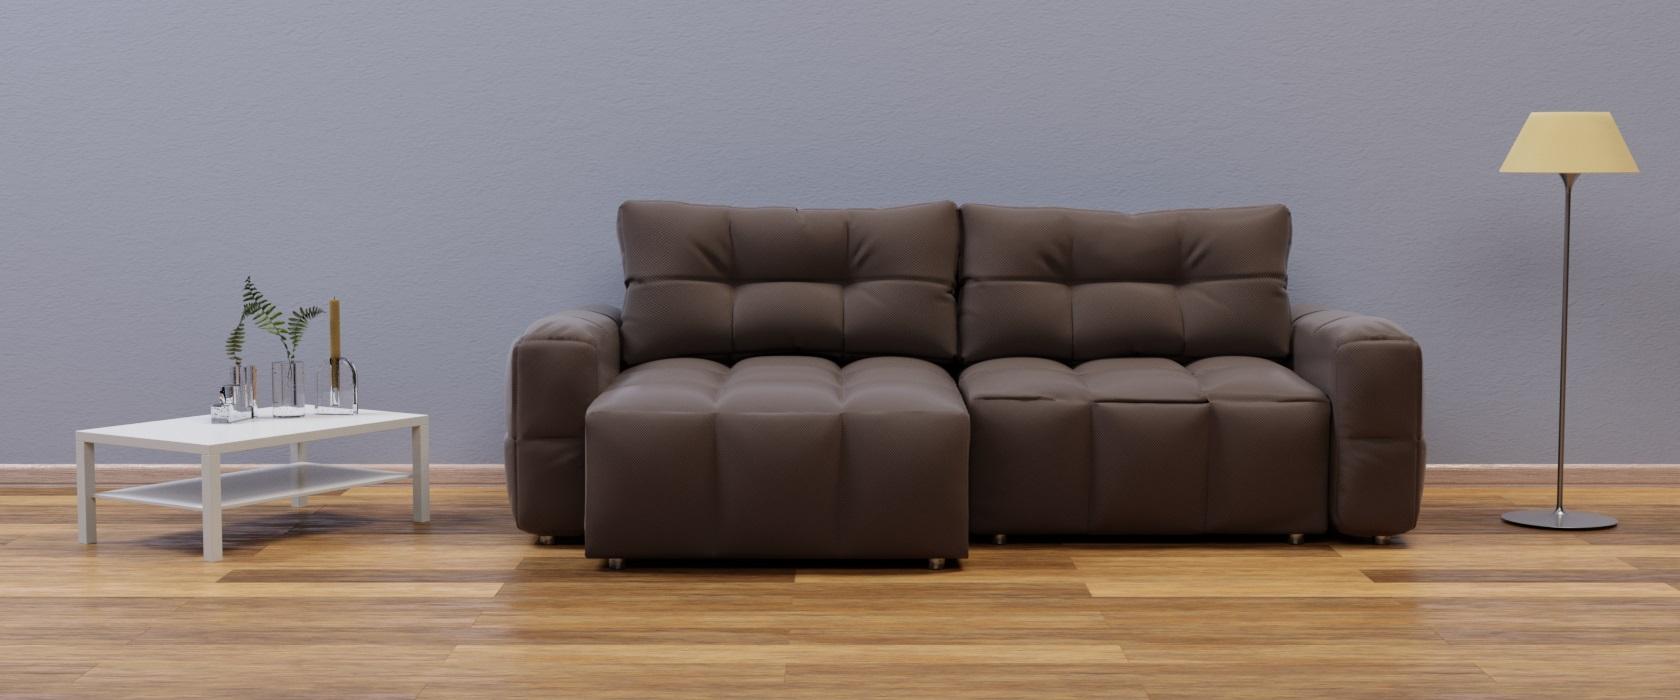 Кутовий диван Leonardo Chaise Mini - Фото 2 - Pufetto